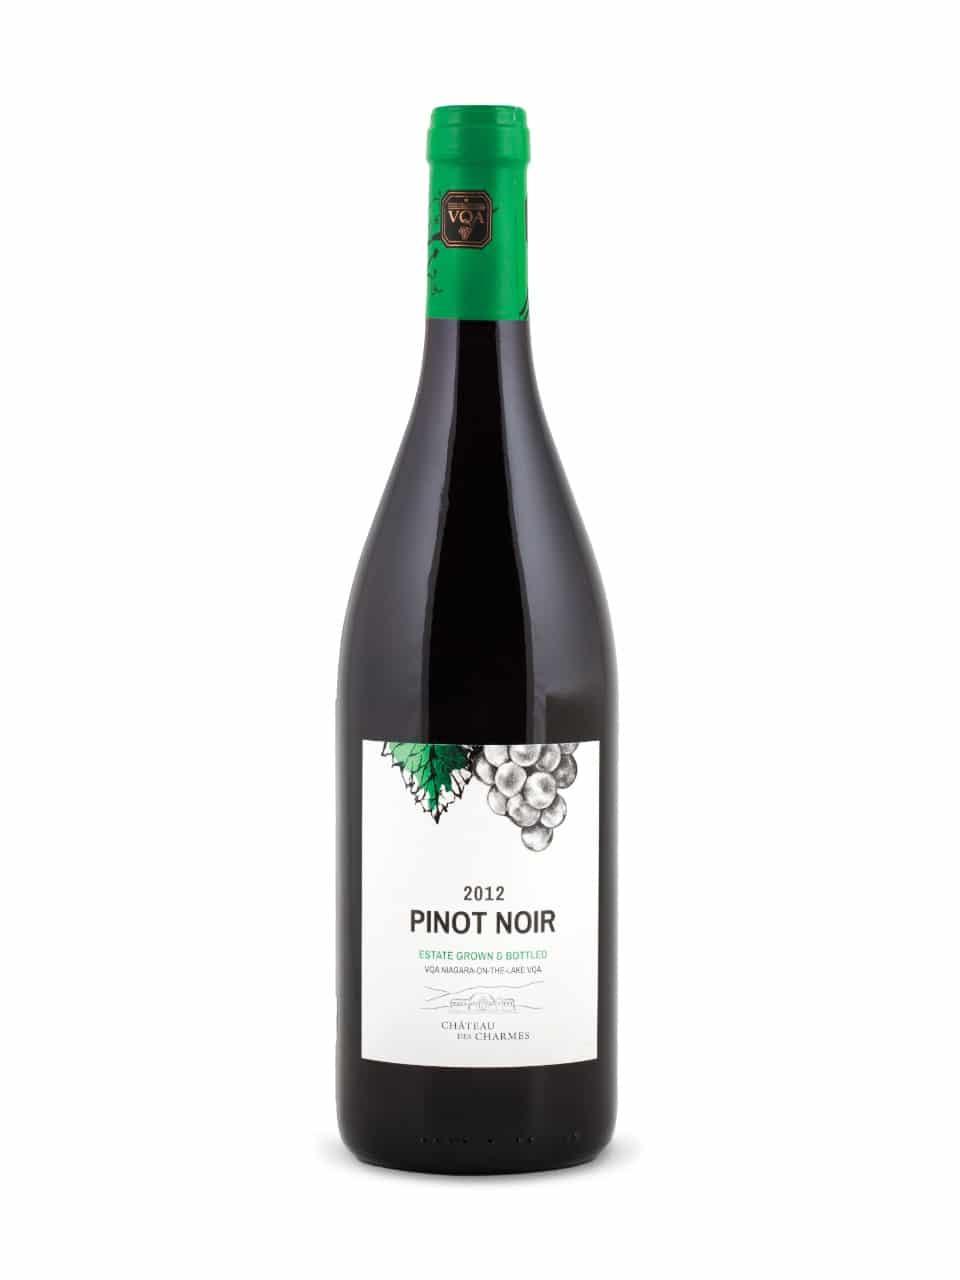 $16.95 - Chateau des Charmes Estate Pinot Noir 2017